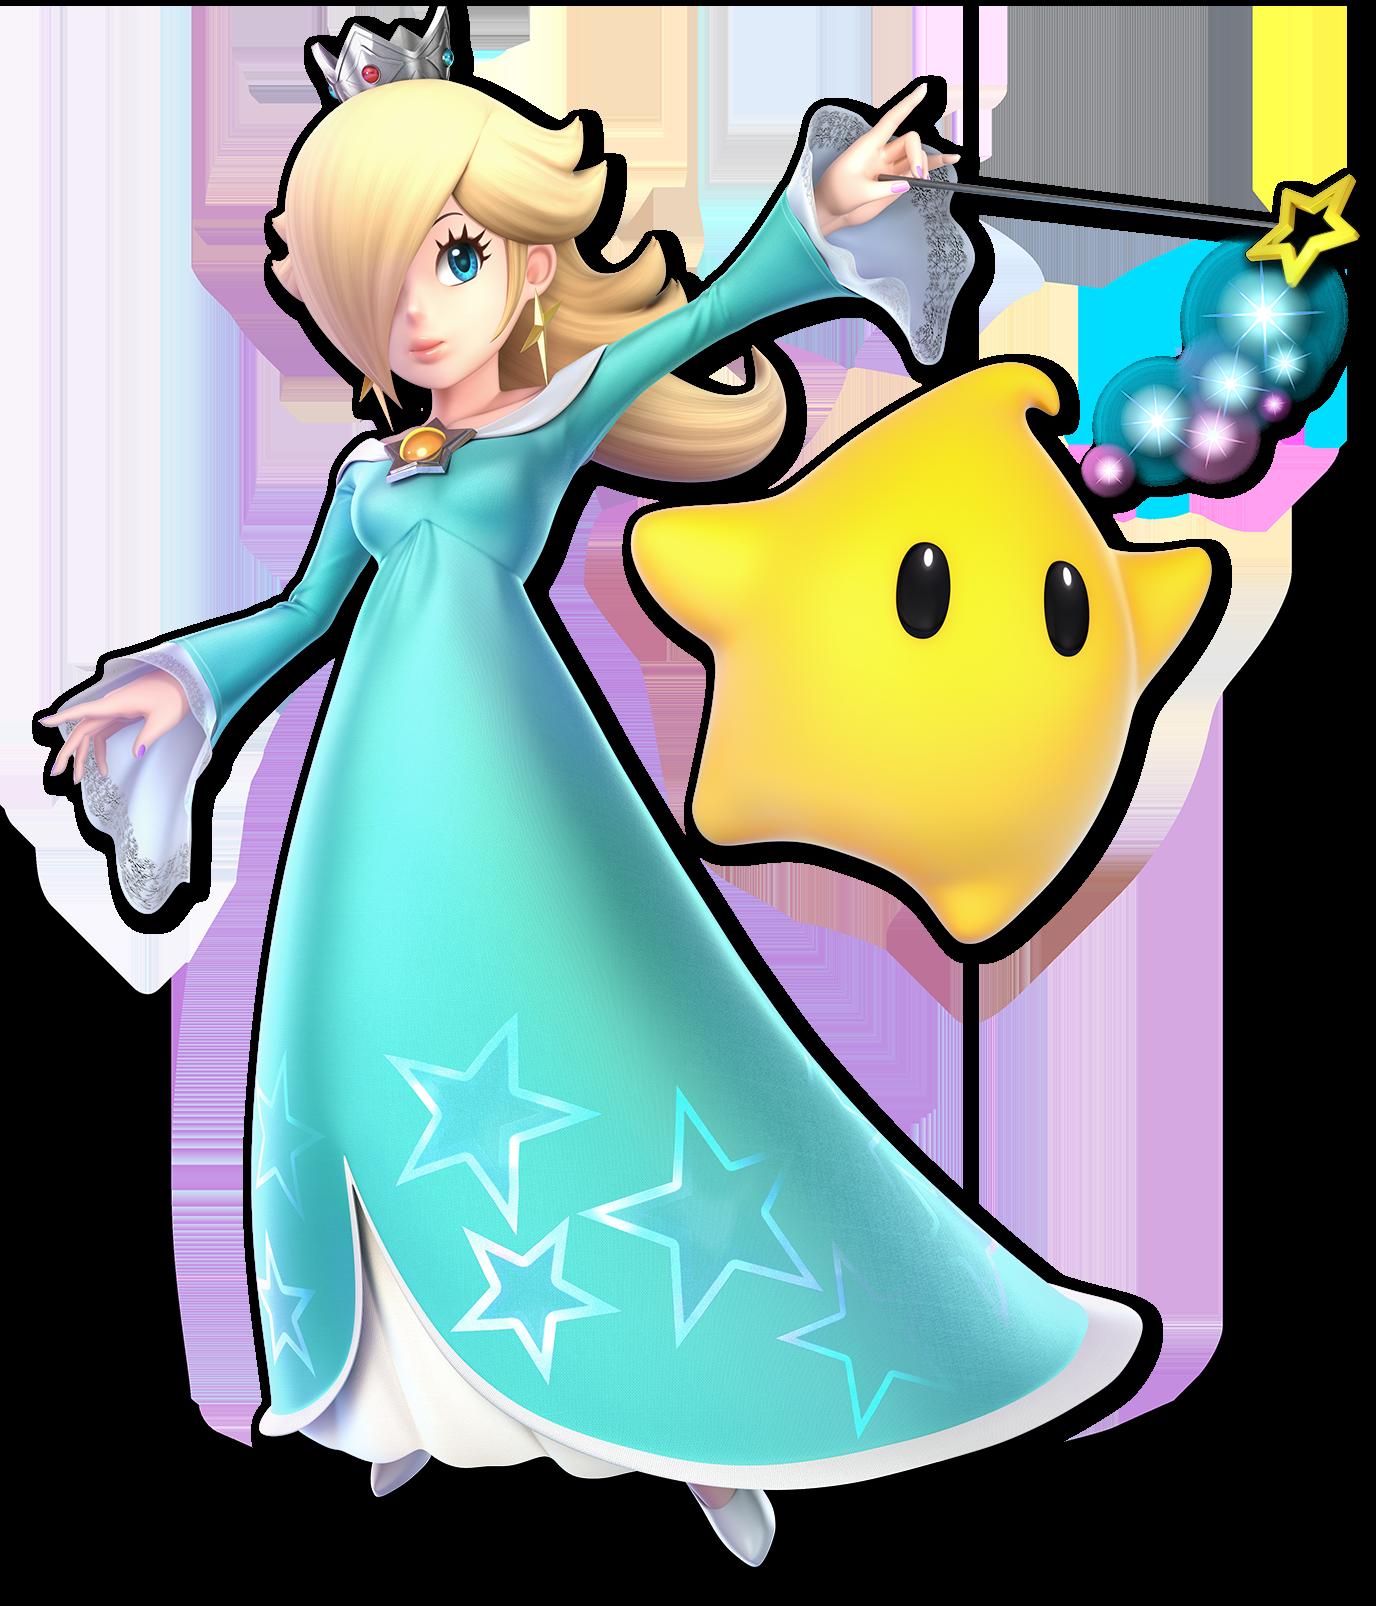 Star Trek Super Smash Bros Characters Super Mario Bros Super Mario Galaxy